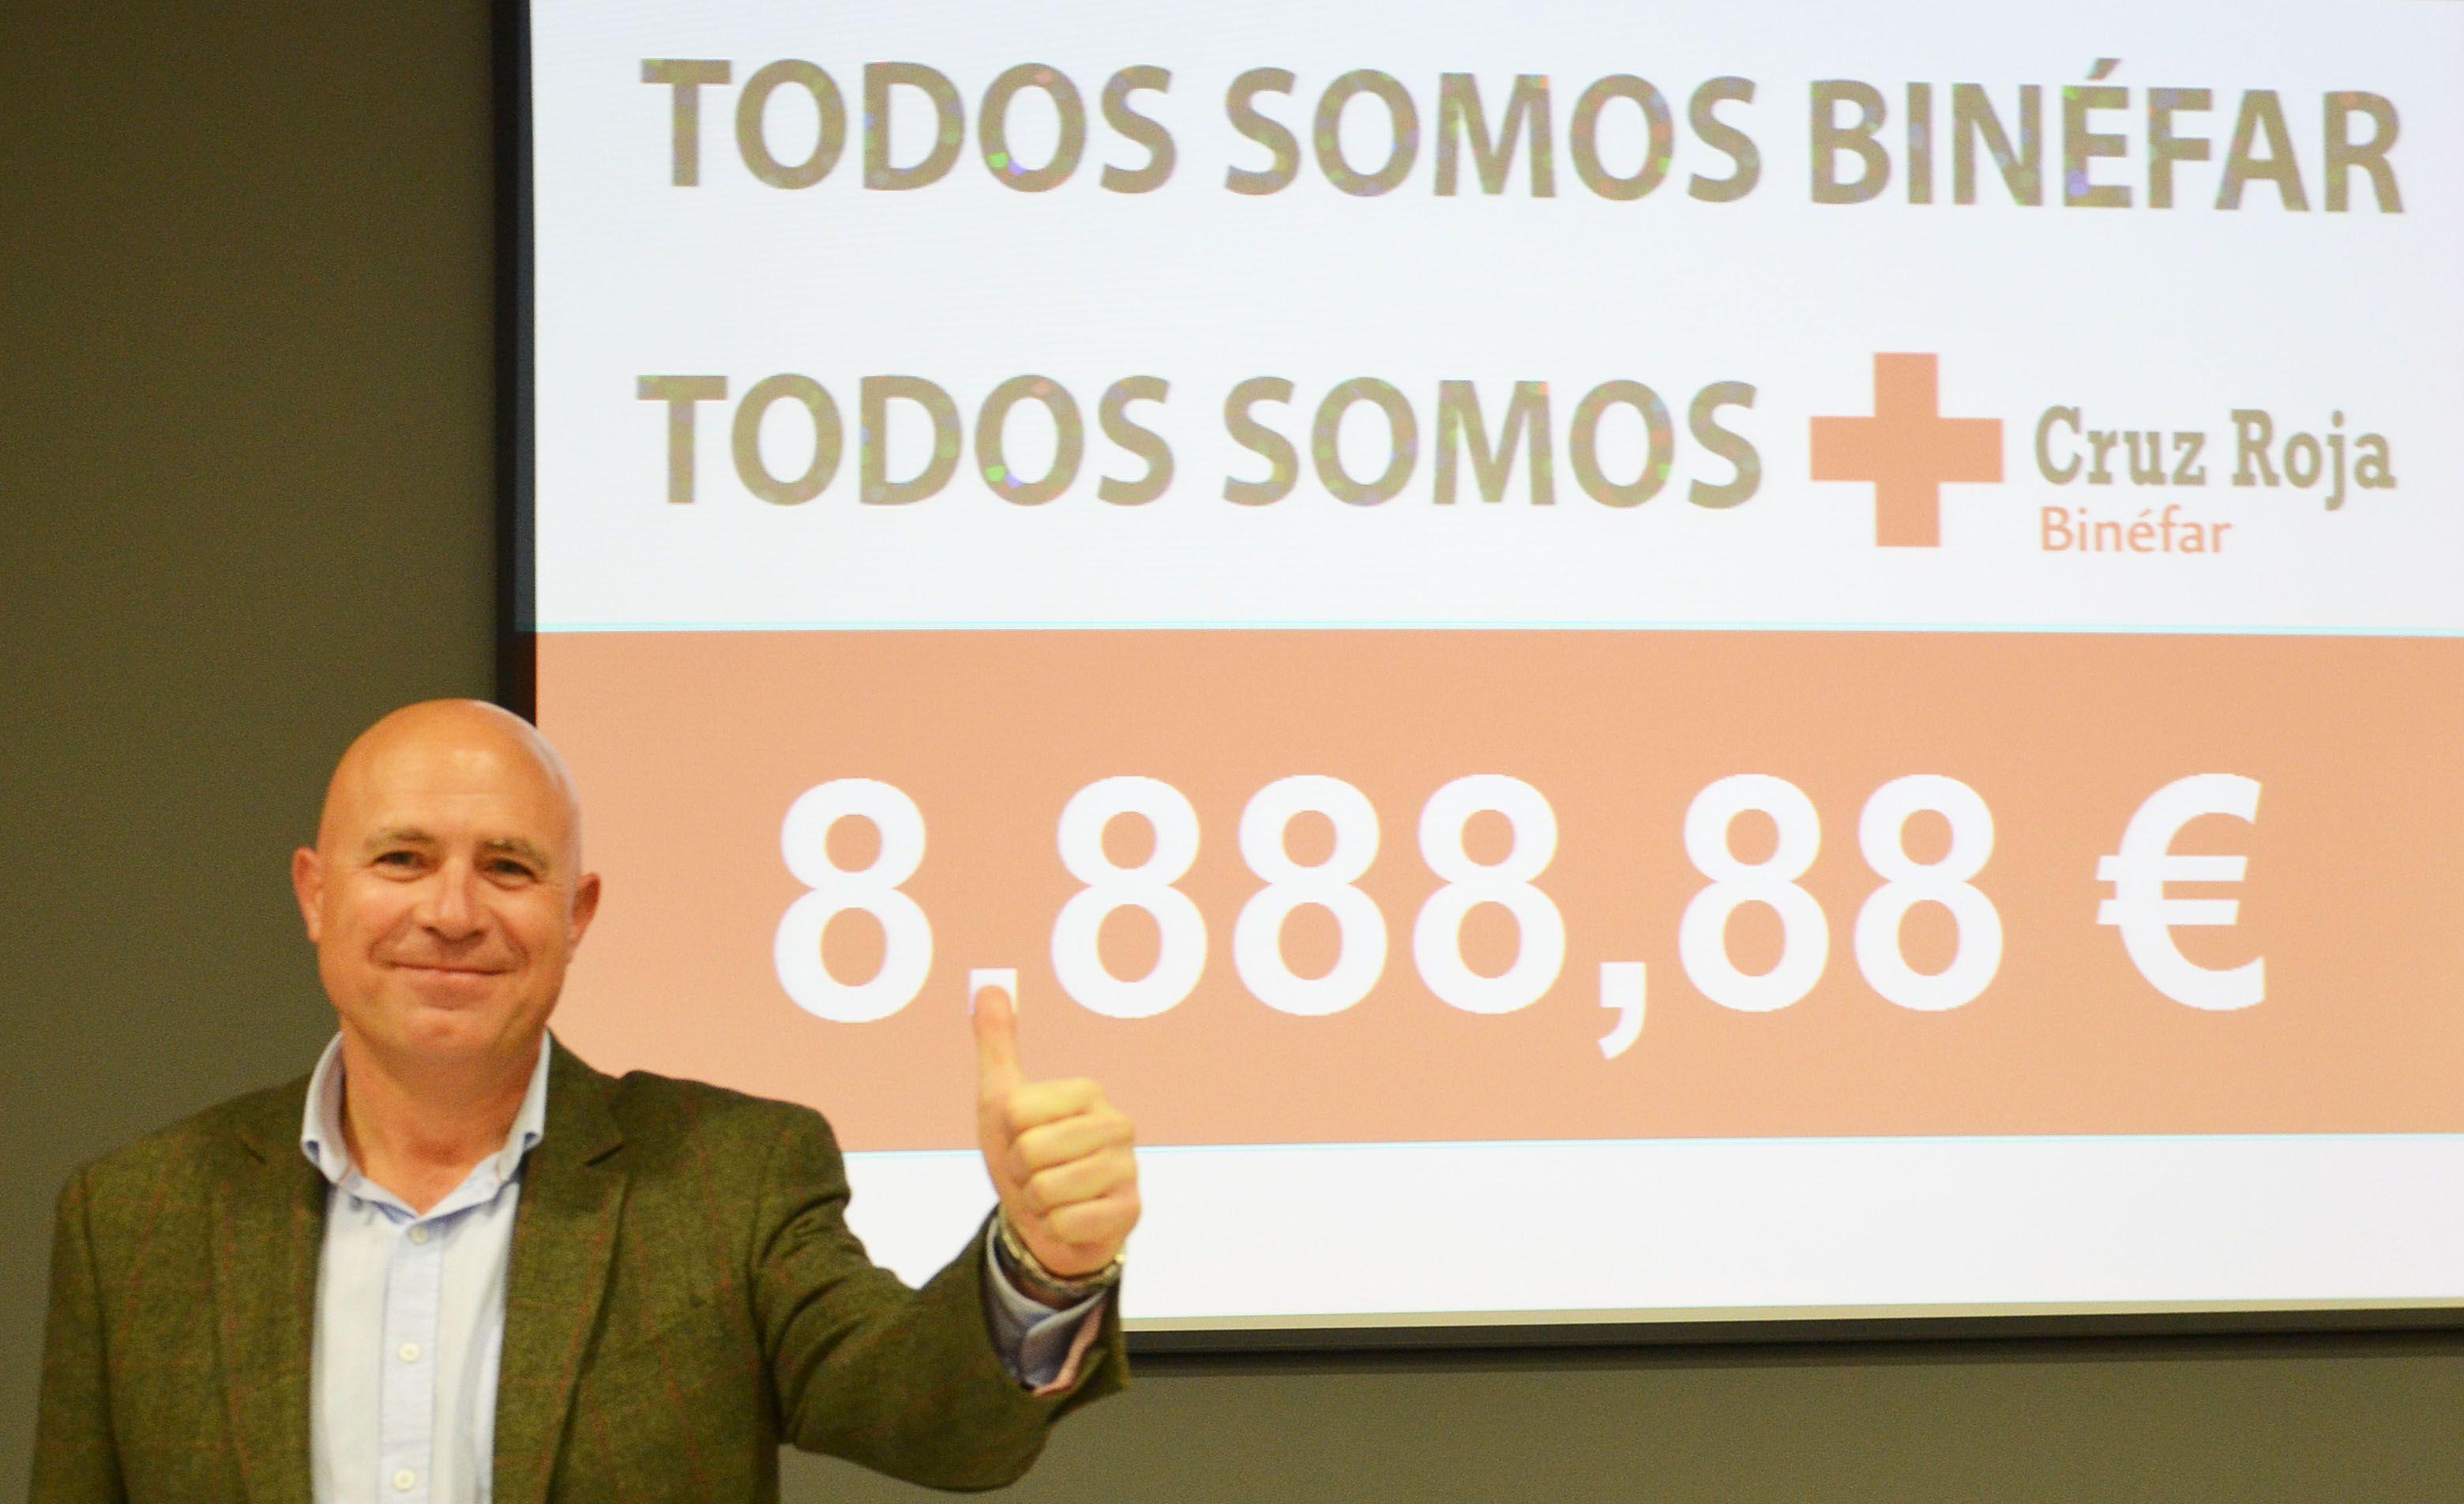 Ocho mil ochocientos ochenta y ocho euros de solidaridad